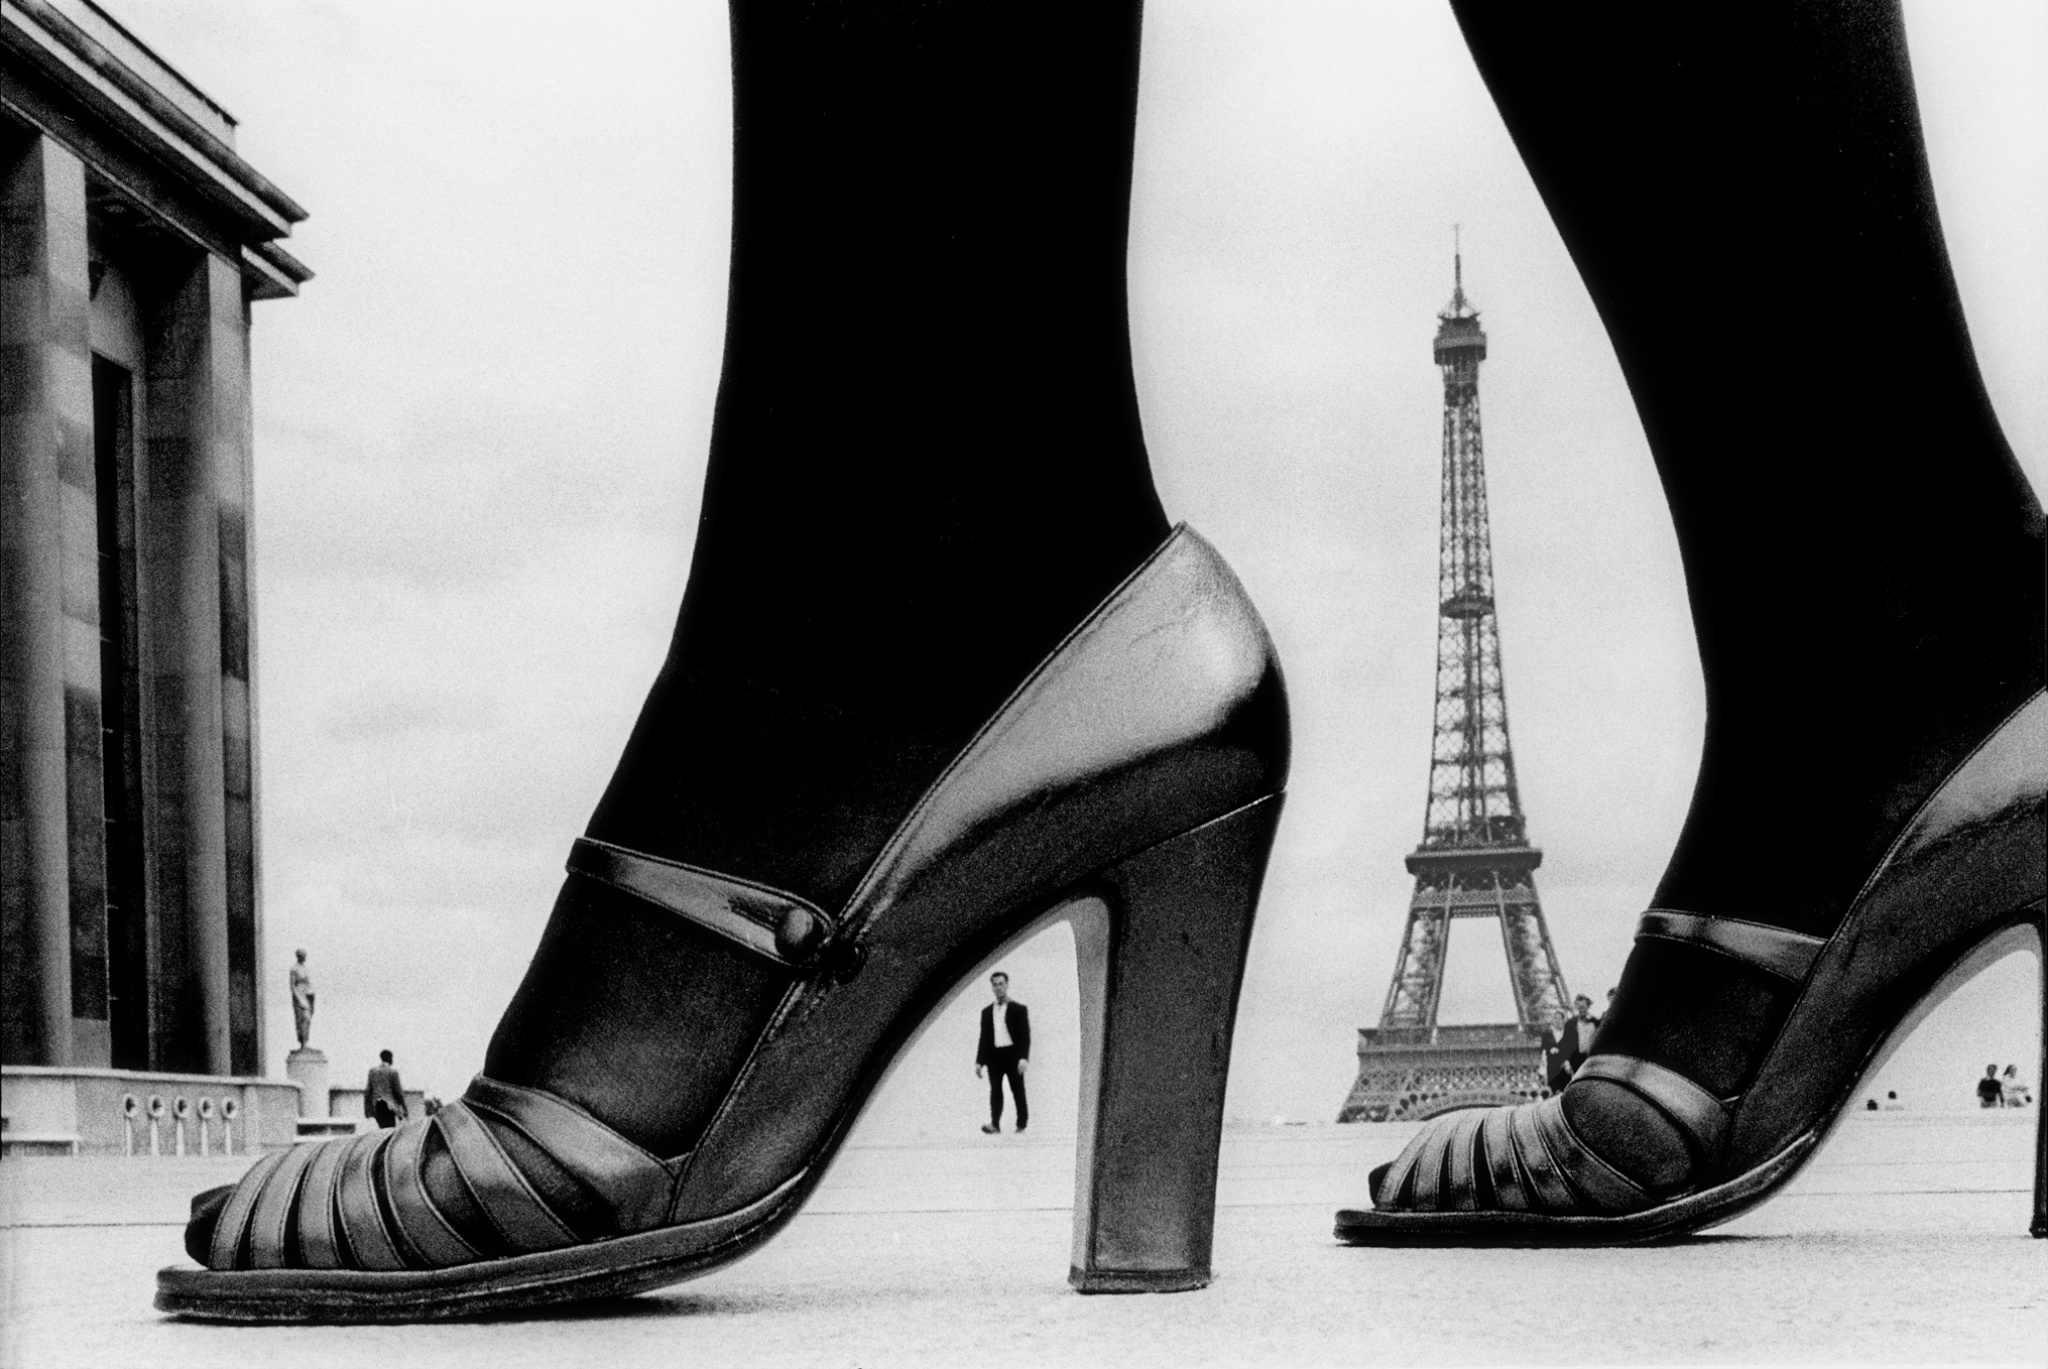 Fotó: Frank Horvat: Shoe and Eiffel Tower (A), Paris 1974 © Frank Horvat